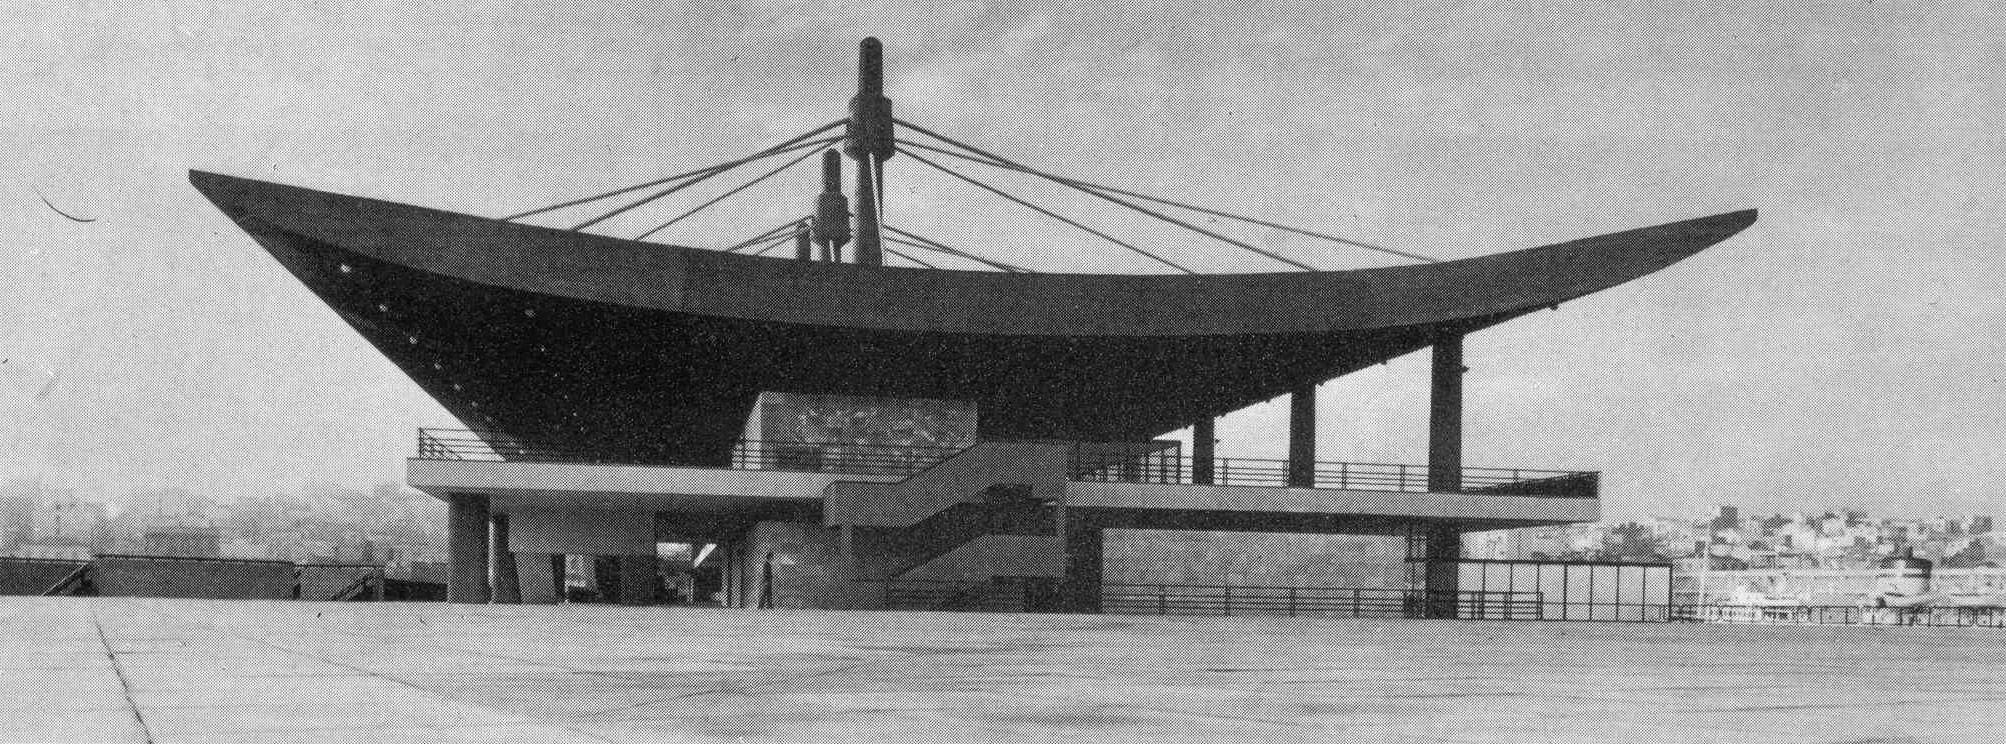 Pagoda at 1970